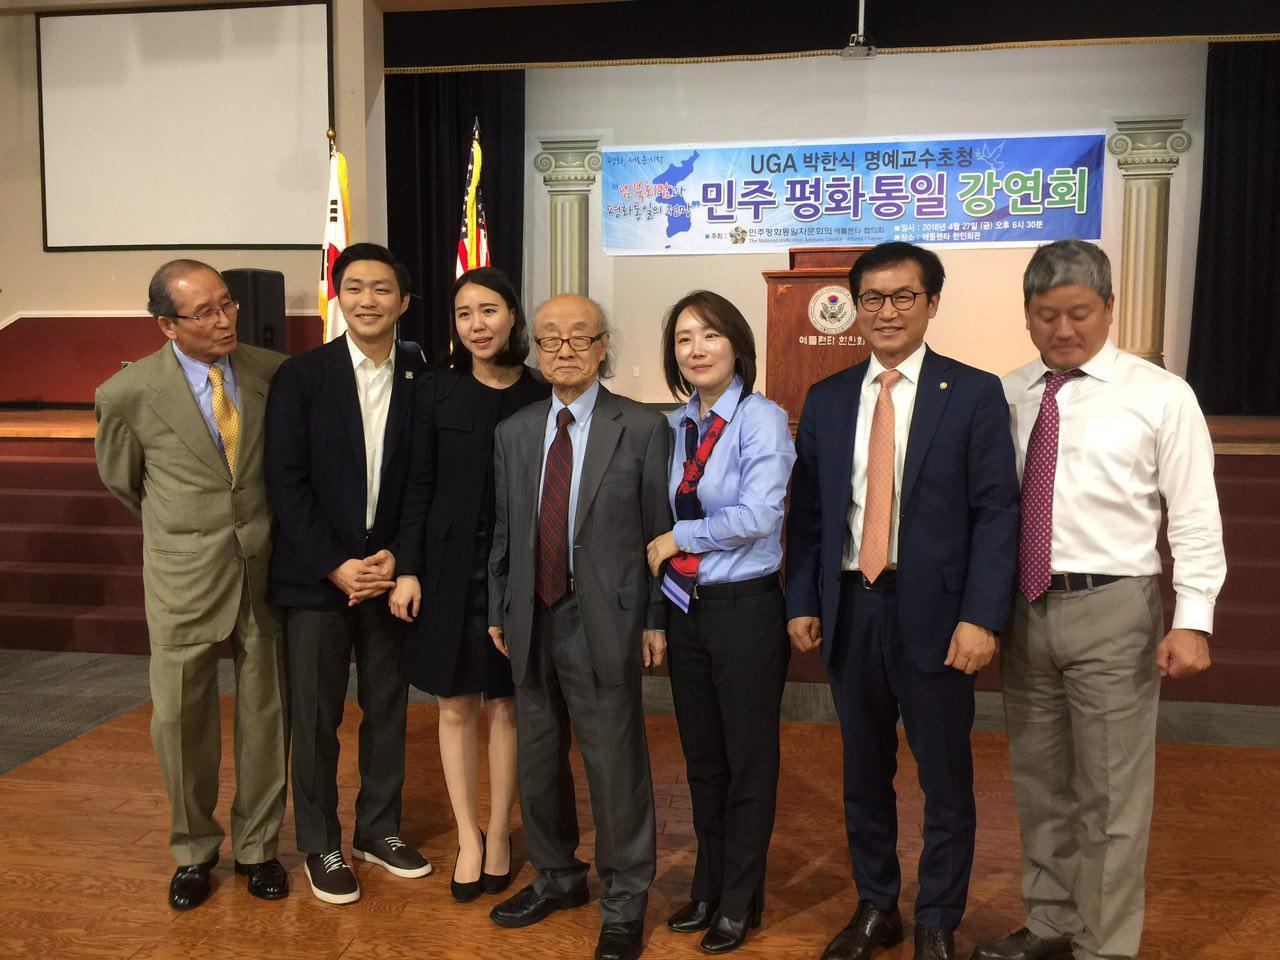 박한식 교수 통일강연회 김종대 대표 (왼쪽 두번째), 박한식 교수 (가운데), 김형률 회장(오른쪽 두번째)